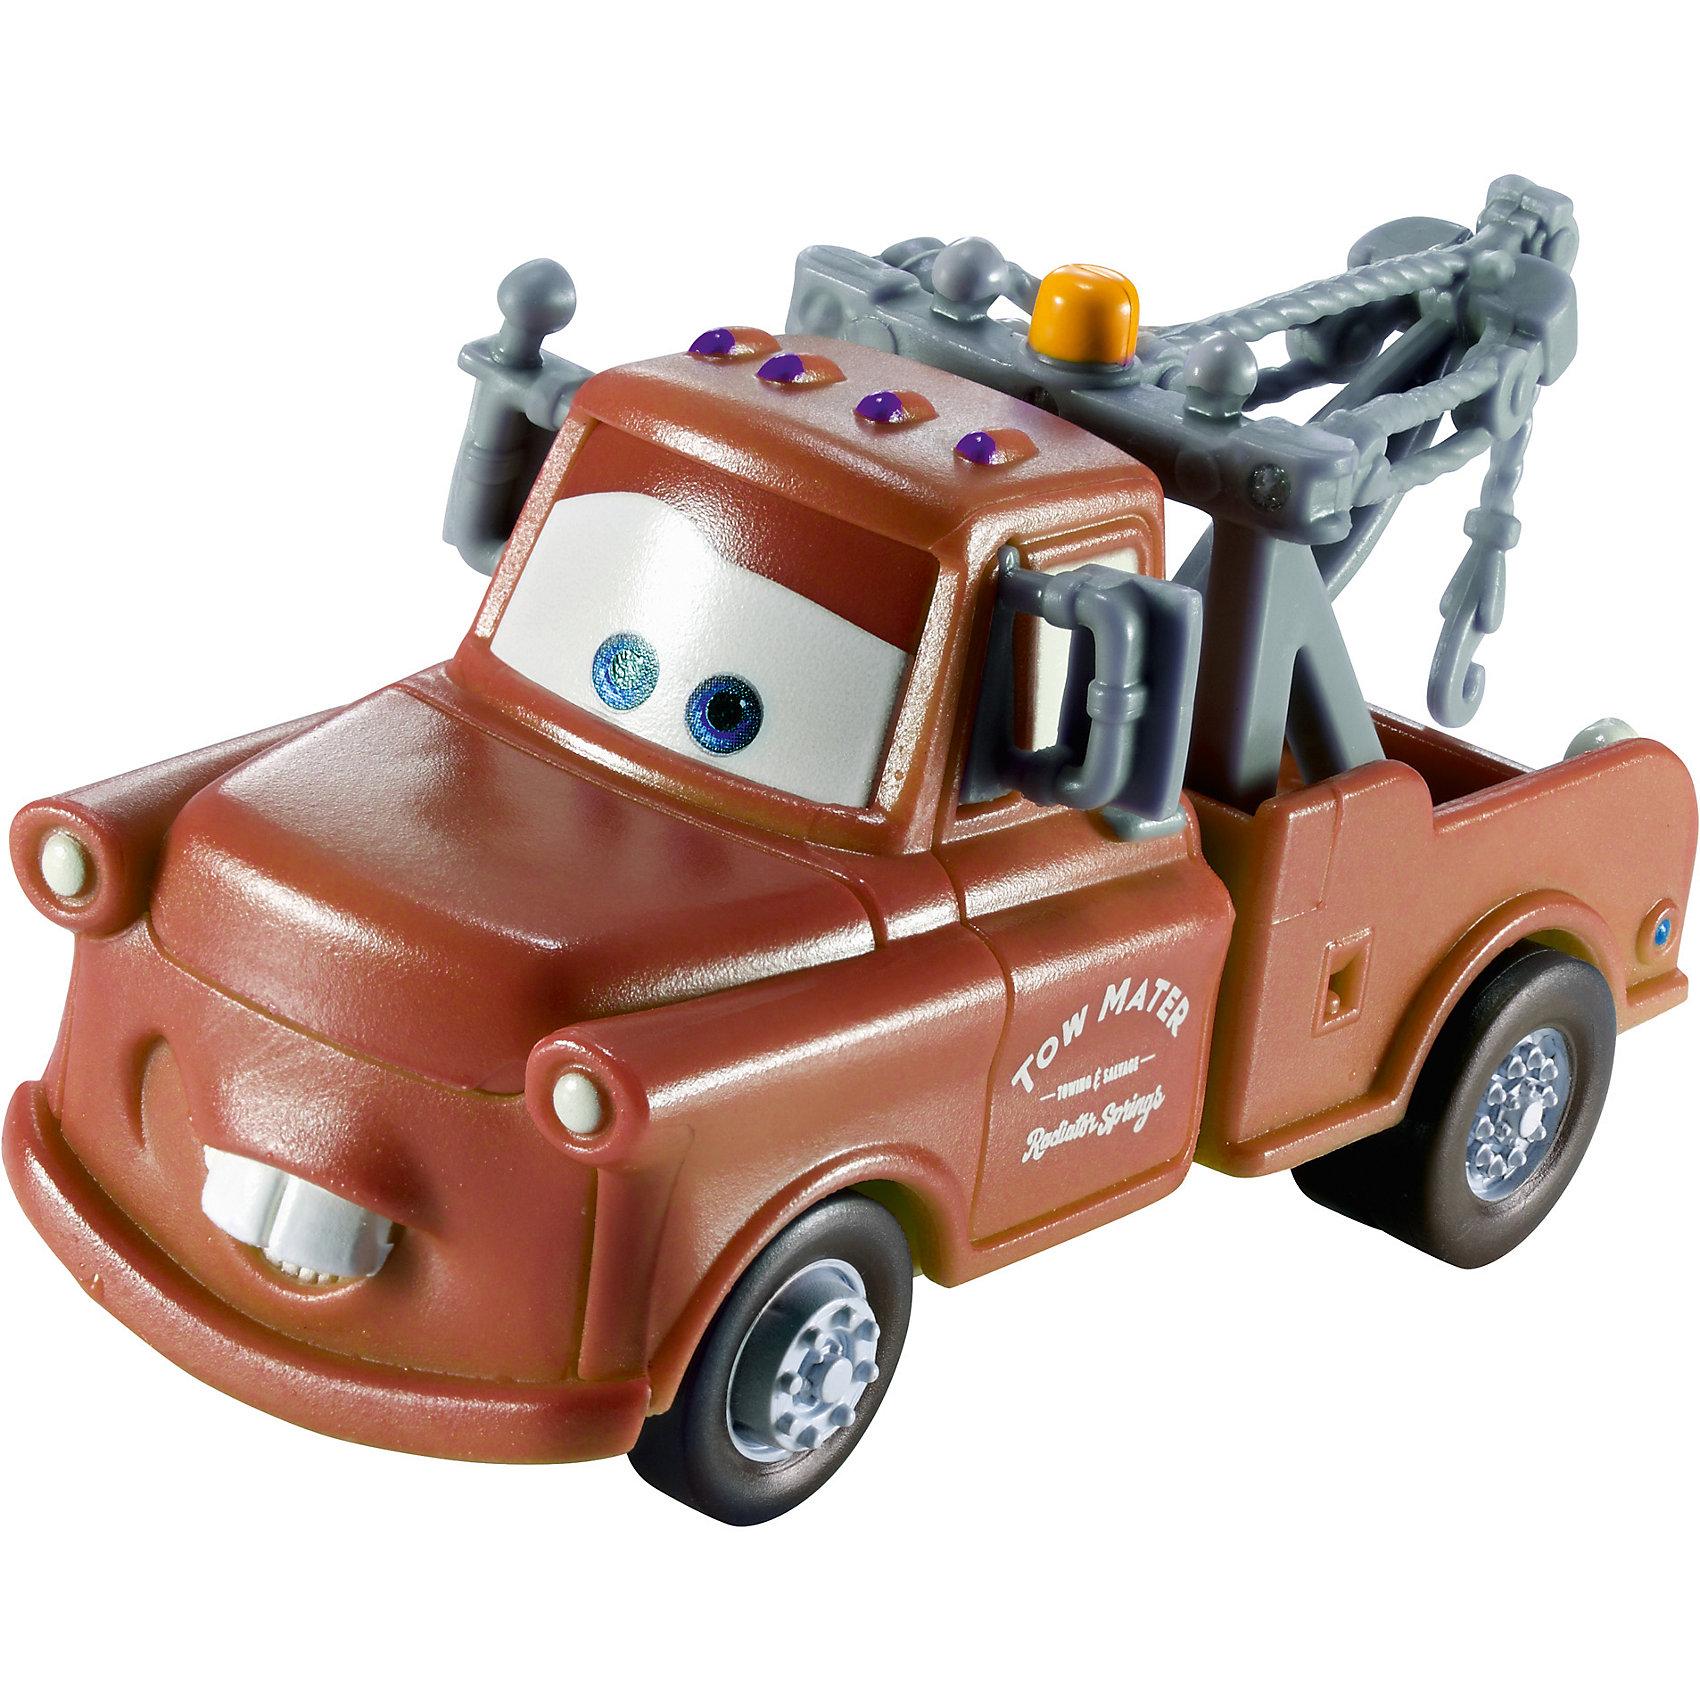 Машинка, меняющая цвет, ТачкиТачки Игрушки<br>Машинка, меняющая цвет, Тачки от Mattel (Маттел) ? герои любимого мультфильма Тачки представлены в новой уникальной серии Color Changers от Mattel. Машинка выполнена из высококачественного пластика, устойчивого к механическим повреждениям. У машины вращающиеся колеса и инерционный механизм. <br>Машинка Мэтр выполнена в коричнево-серых оттенках. При погружении в воду, корпус машинки меняет цвет, насыщенность цвета зависит от температуры воды.<br>Машинка, меняющая цвет, Тачки от Mattel (Маттел) позволит не только создать уникальный дизайн машинки, но и воспроизвести полюбившиеся сцены из мультфильма или придумать свою историю с главными героями.<br><br>Дополнительная информация:<br><br>- Вид игр: сюжетно-ролевые <br>- Предназначение: для дома<br>- Серия: Color Changers<br>- Материал: пластик<br>- Размер: 4,5*14*21,5 см<br>- Вес: 84 г <br>- Особенности ухода: разрешается мыть<br><br>Подробнее:<br><br>• Для детей в возрасте: от 3 лет и до 10 лет<br>• Страна производитель: Китай<br>• Торговый бренд: Mattel<br><br>Машинку, меняющую цвет, Тачки от Mattel (Маттел) можно купить в нашем интернет-магазине.<br><br>Ширина мм: 45<br>Глубина мм: 140<br>Высота мм: 215<br>Вес г: 84<br>Возраст от месяцев: 36<br>Возраст до месяцев: 120<br>Пол: Мужской<br>Возраст: Детский<br>SKU: 4918469